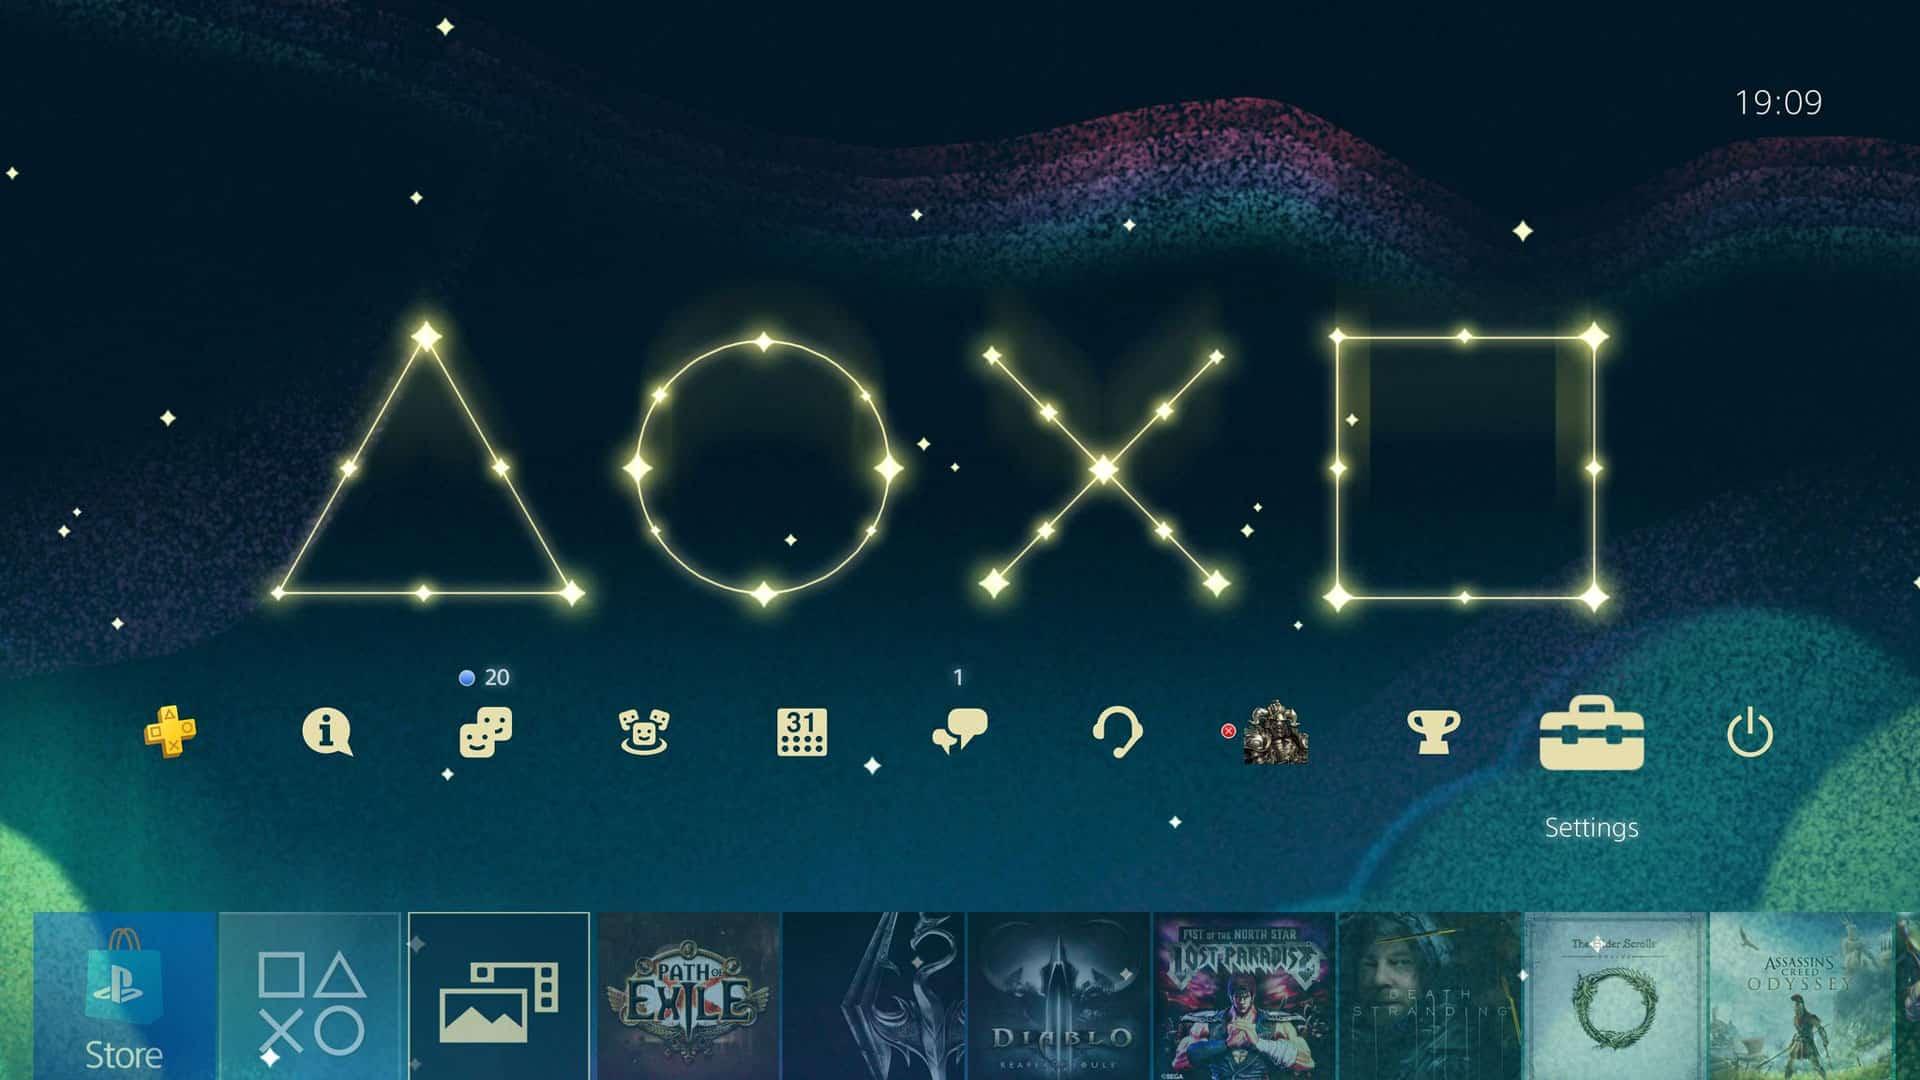 PS4 Christmas Theme